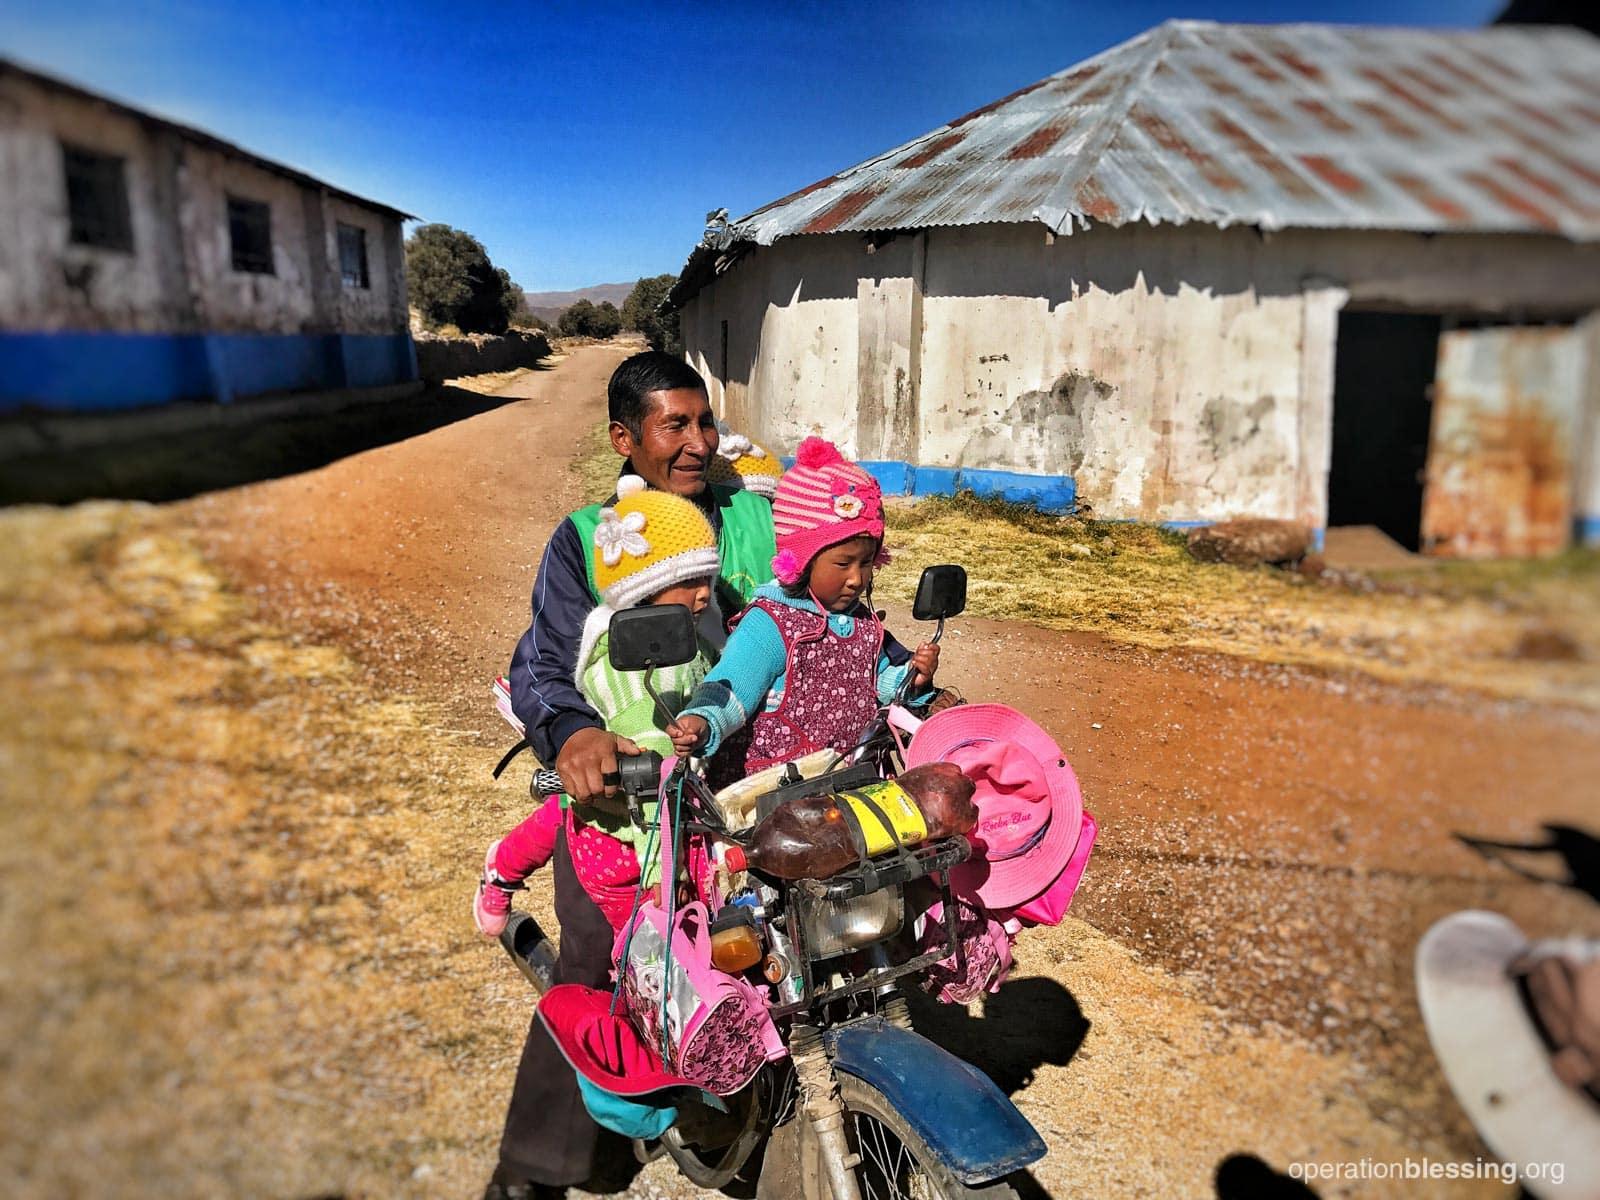 Mr. Teófilo driving his preschool kids on his motorcycle.